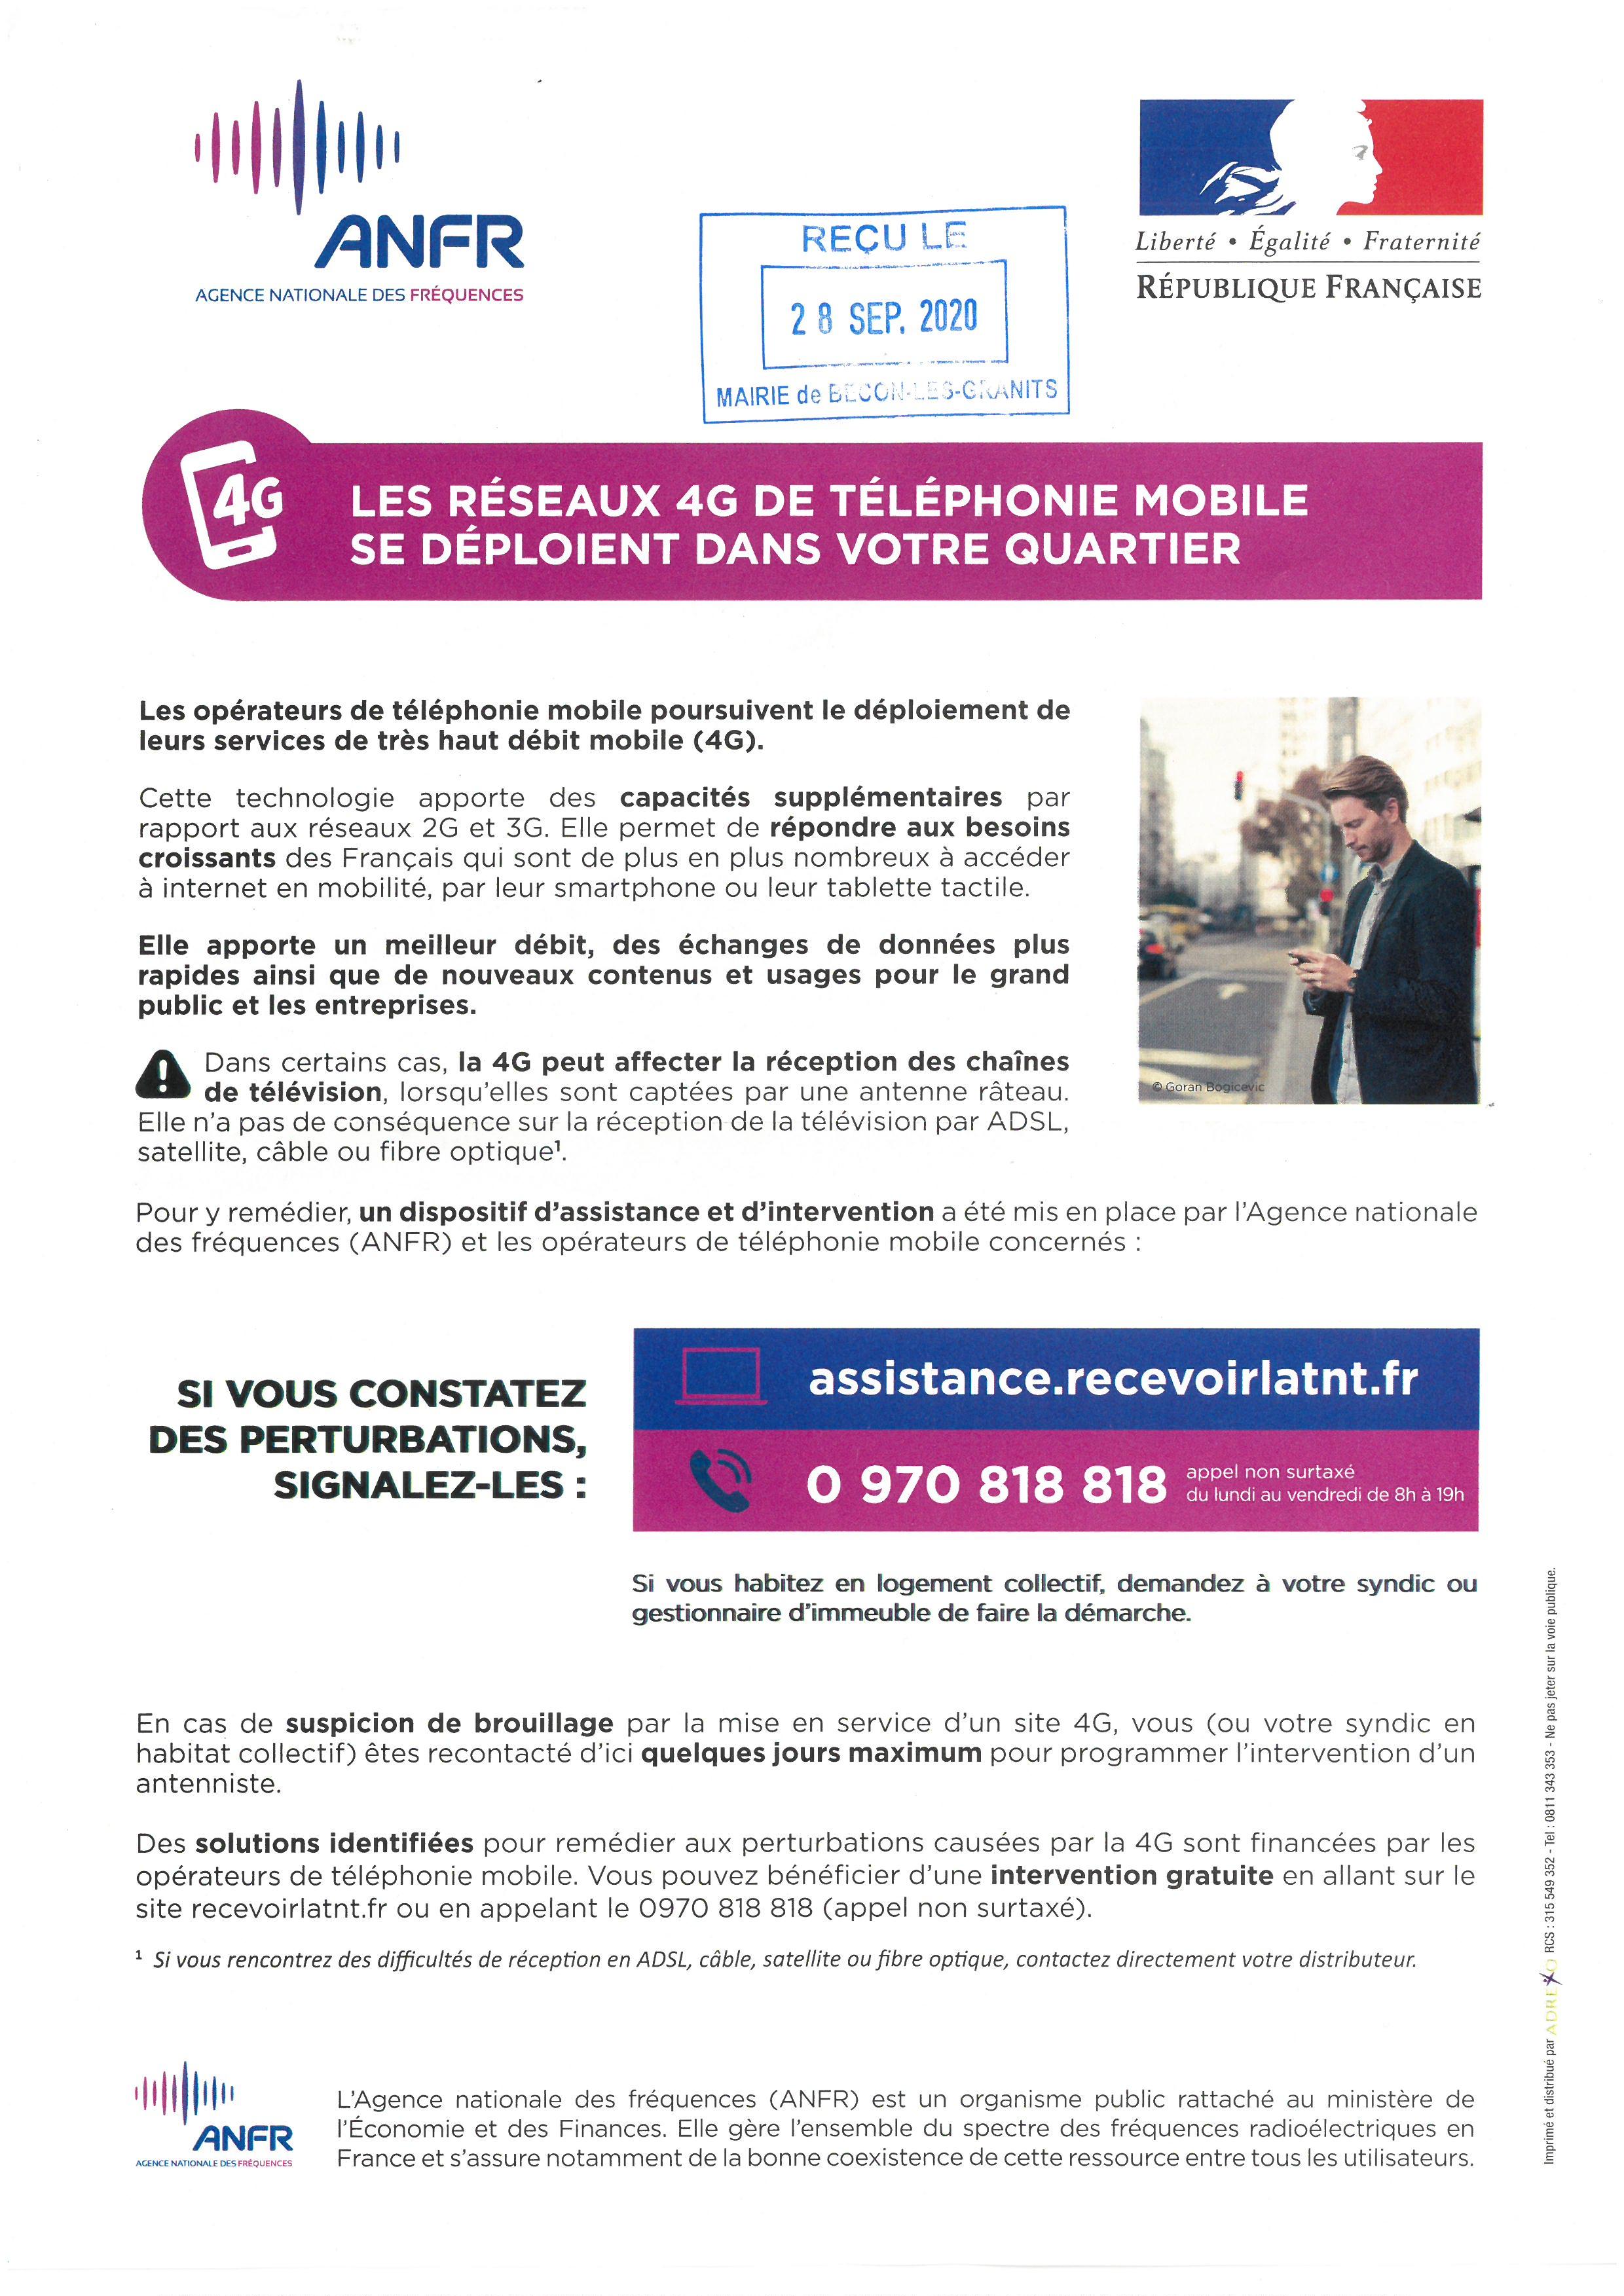 ANFR_Réseaux4G_assistance.jpg